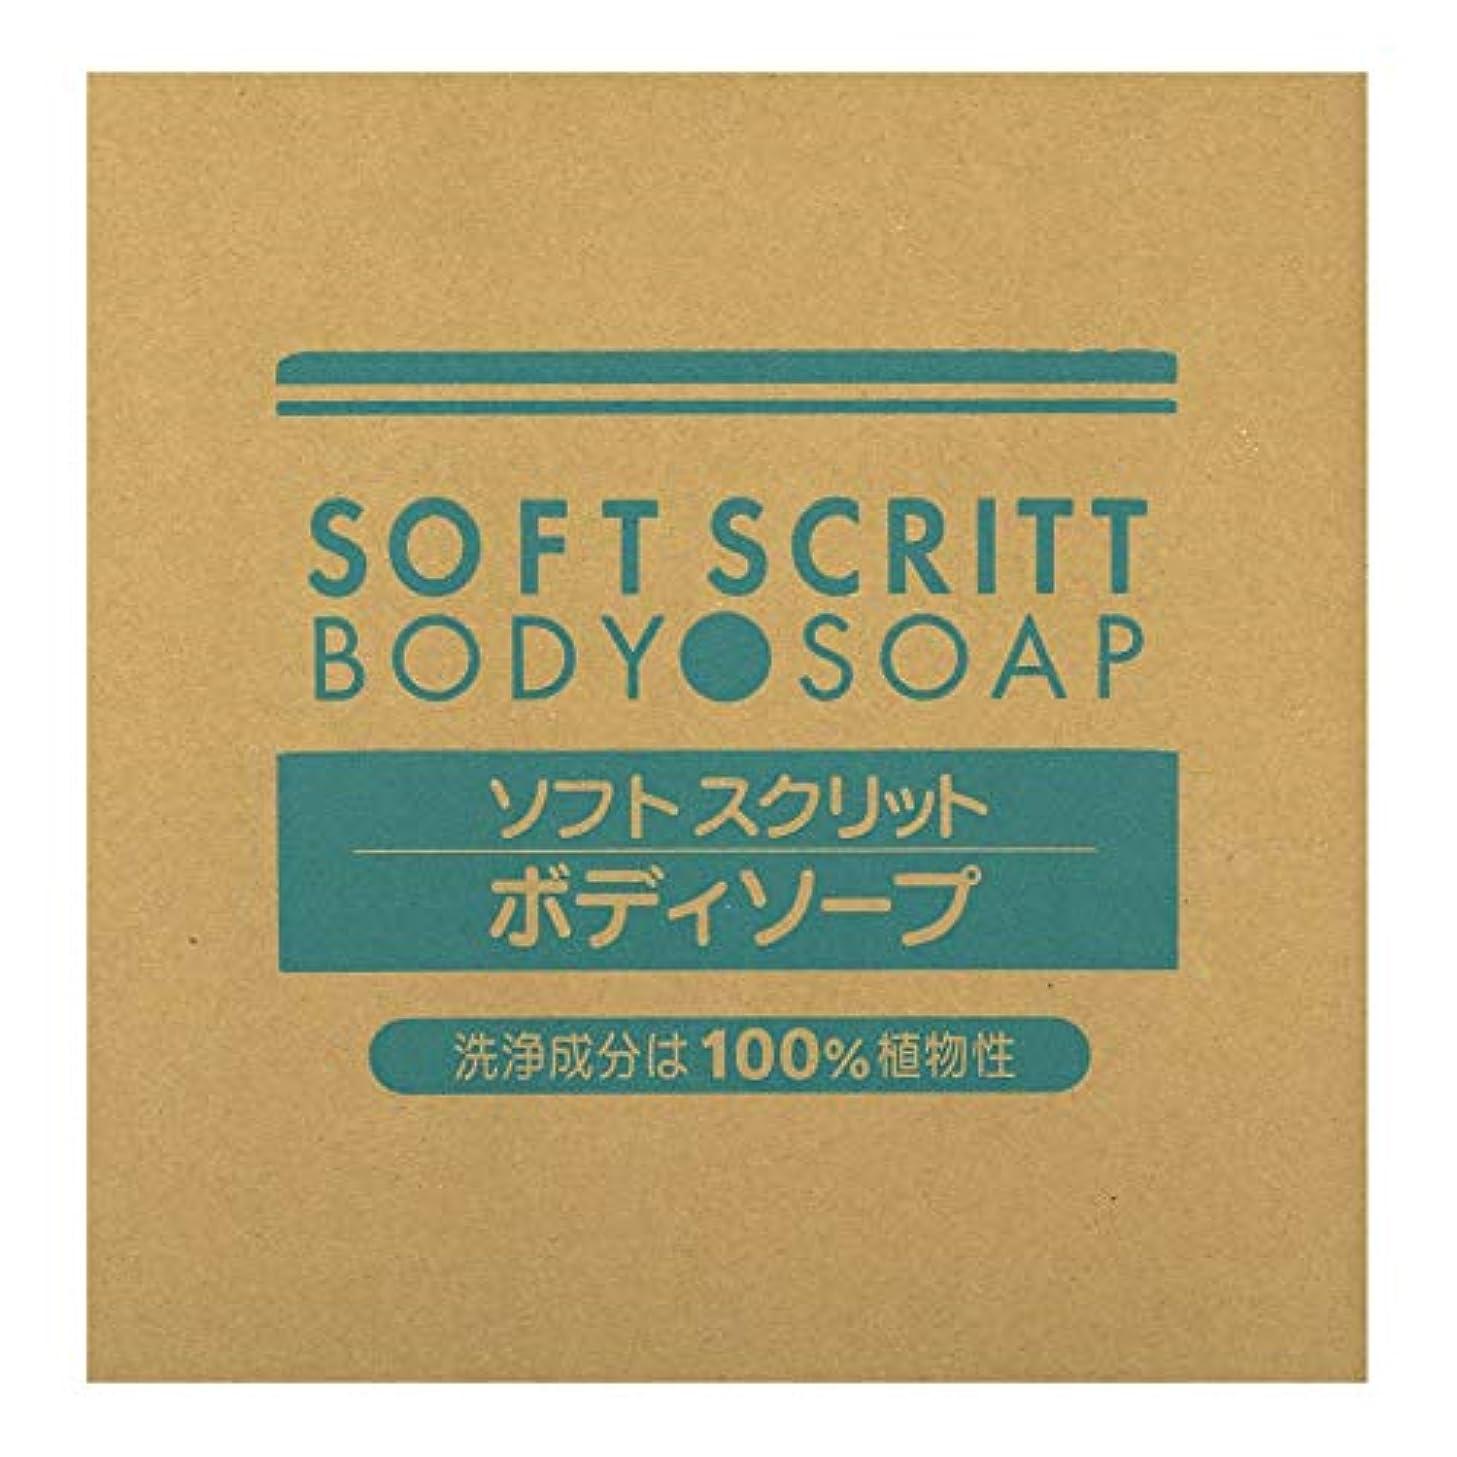 服を片付ける影響力のある引き金熊野油脂 業務用 SOFT SCRITT(ソフト スクリット) ボディソープ 18L